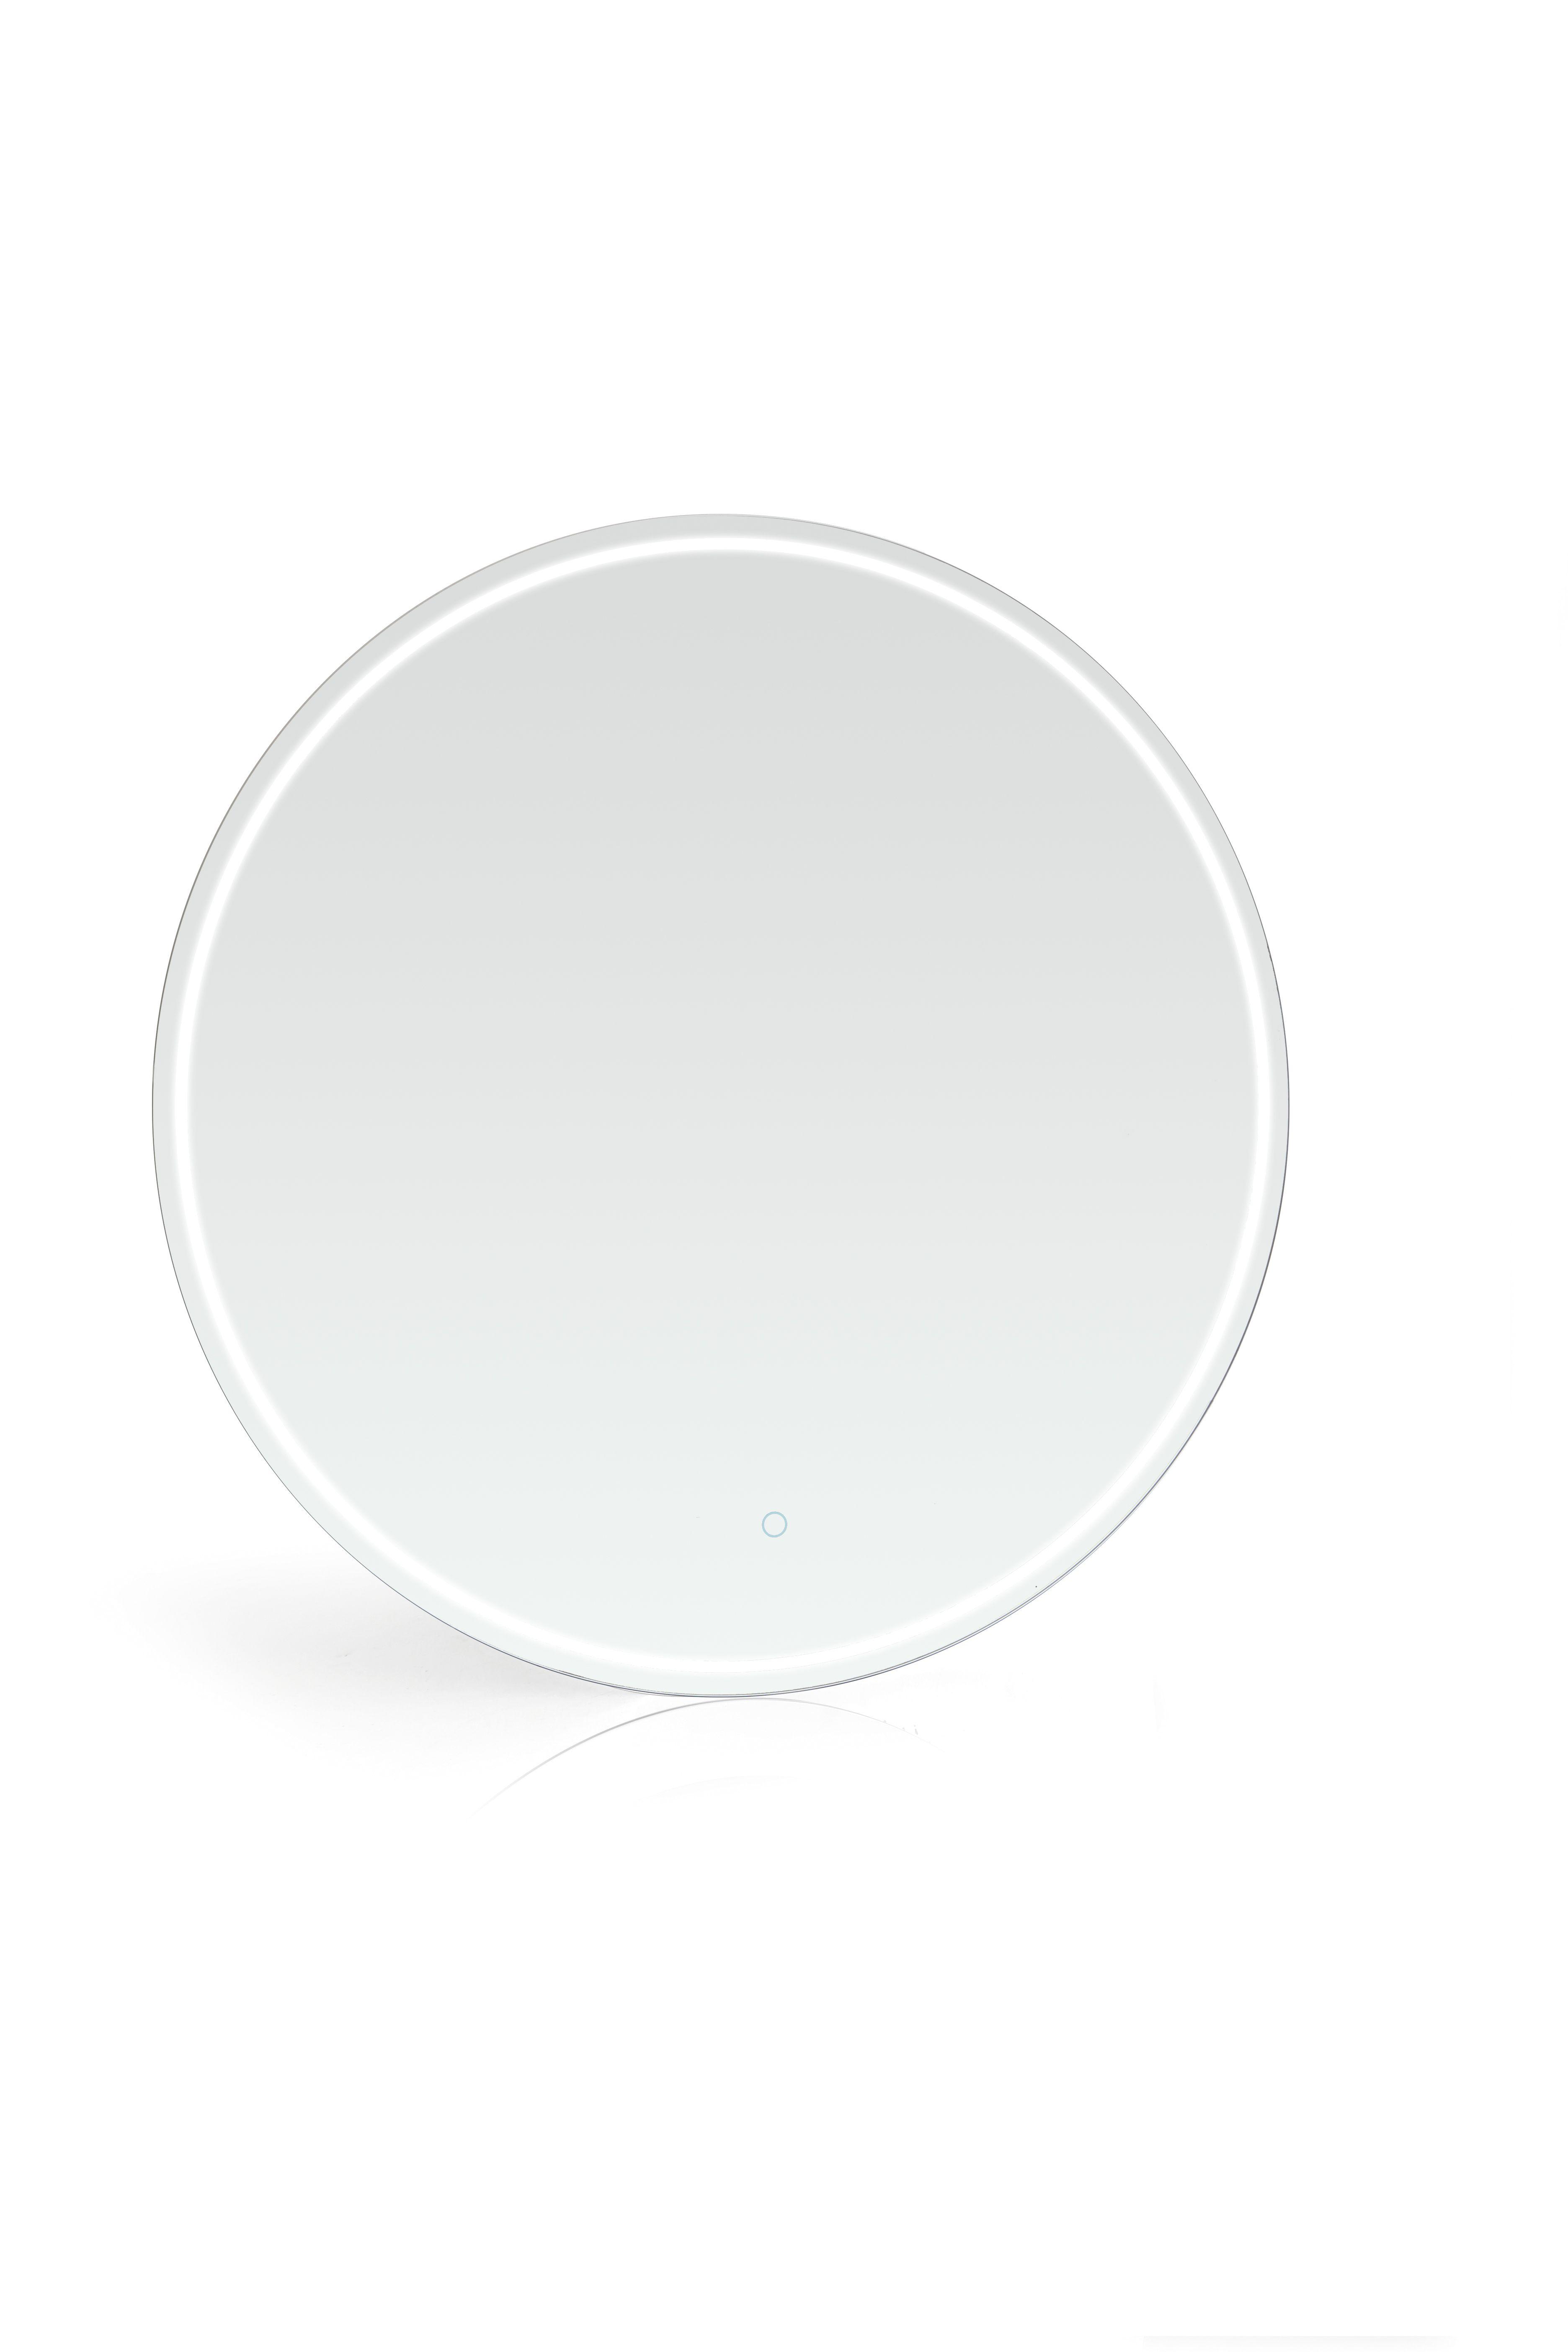 Pin van Alterna op 50 tinten grijs in 2021 | Waskom, 50